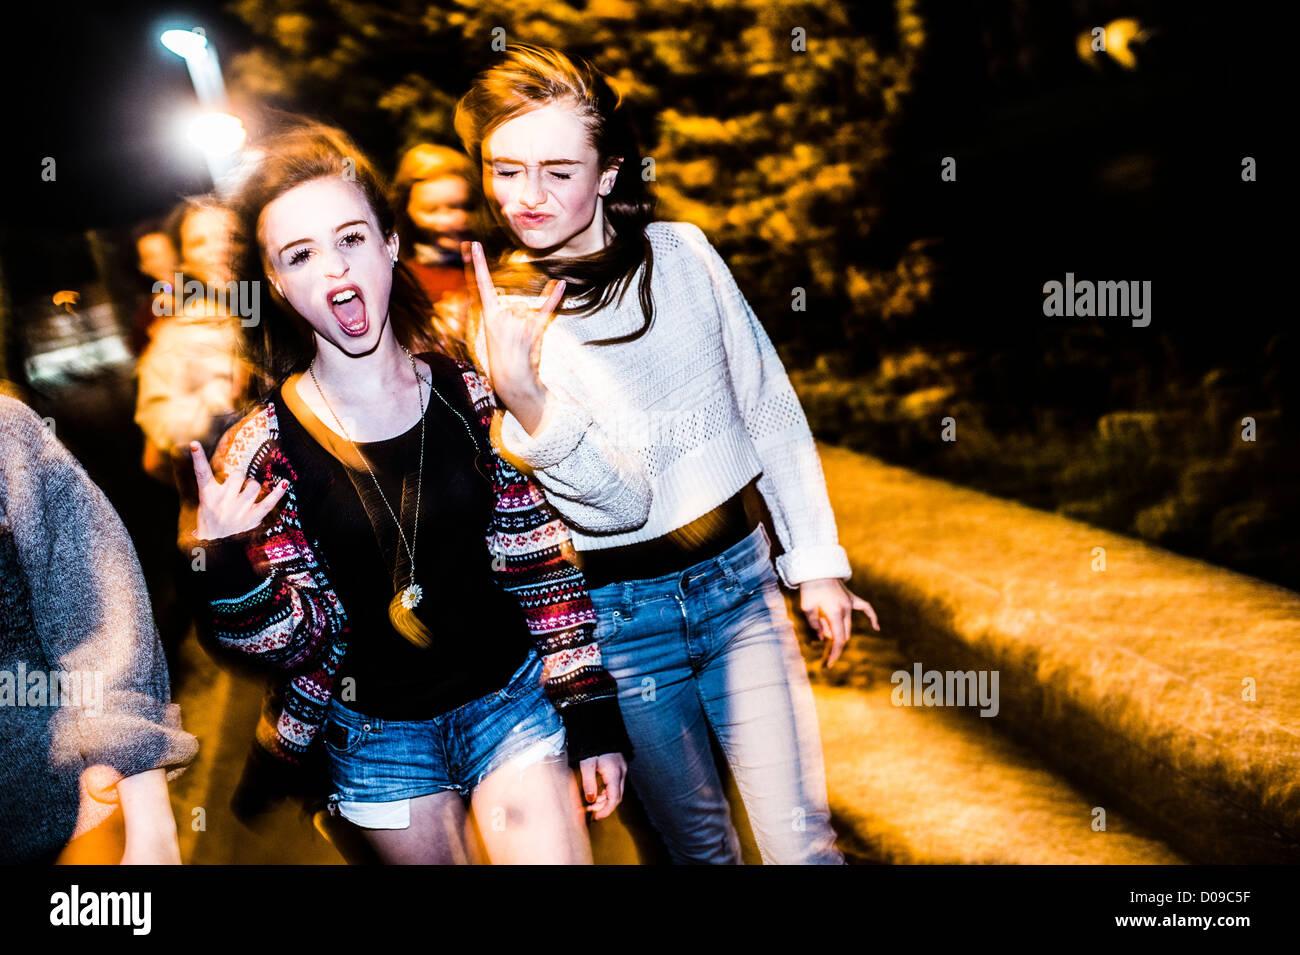 Un grupo de 14 chicas adolescentes de 15 años con actitud de amigos riendo juntos divirtiéndose fuera Imagen De Stock